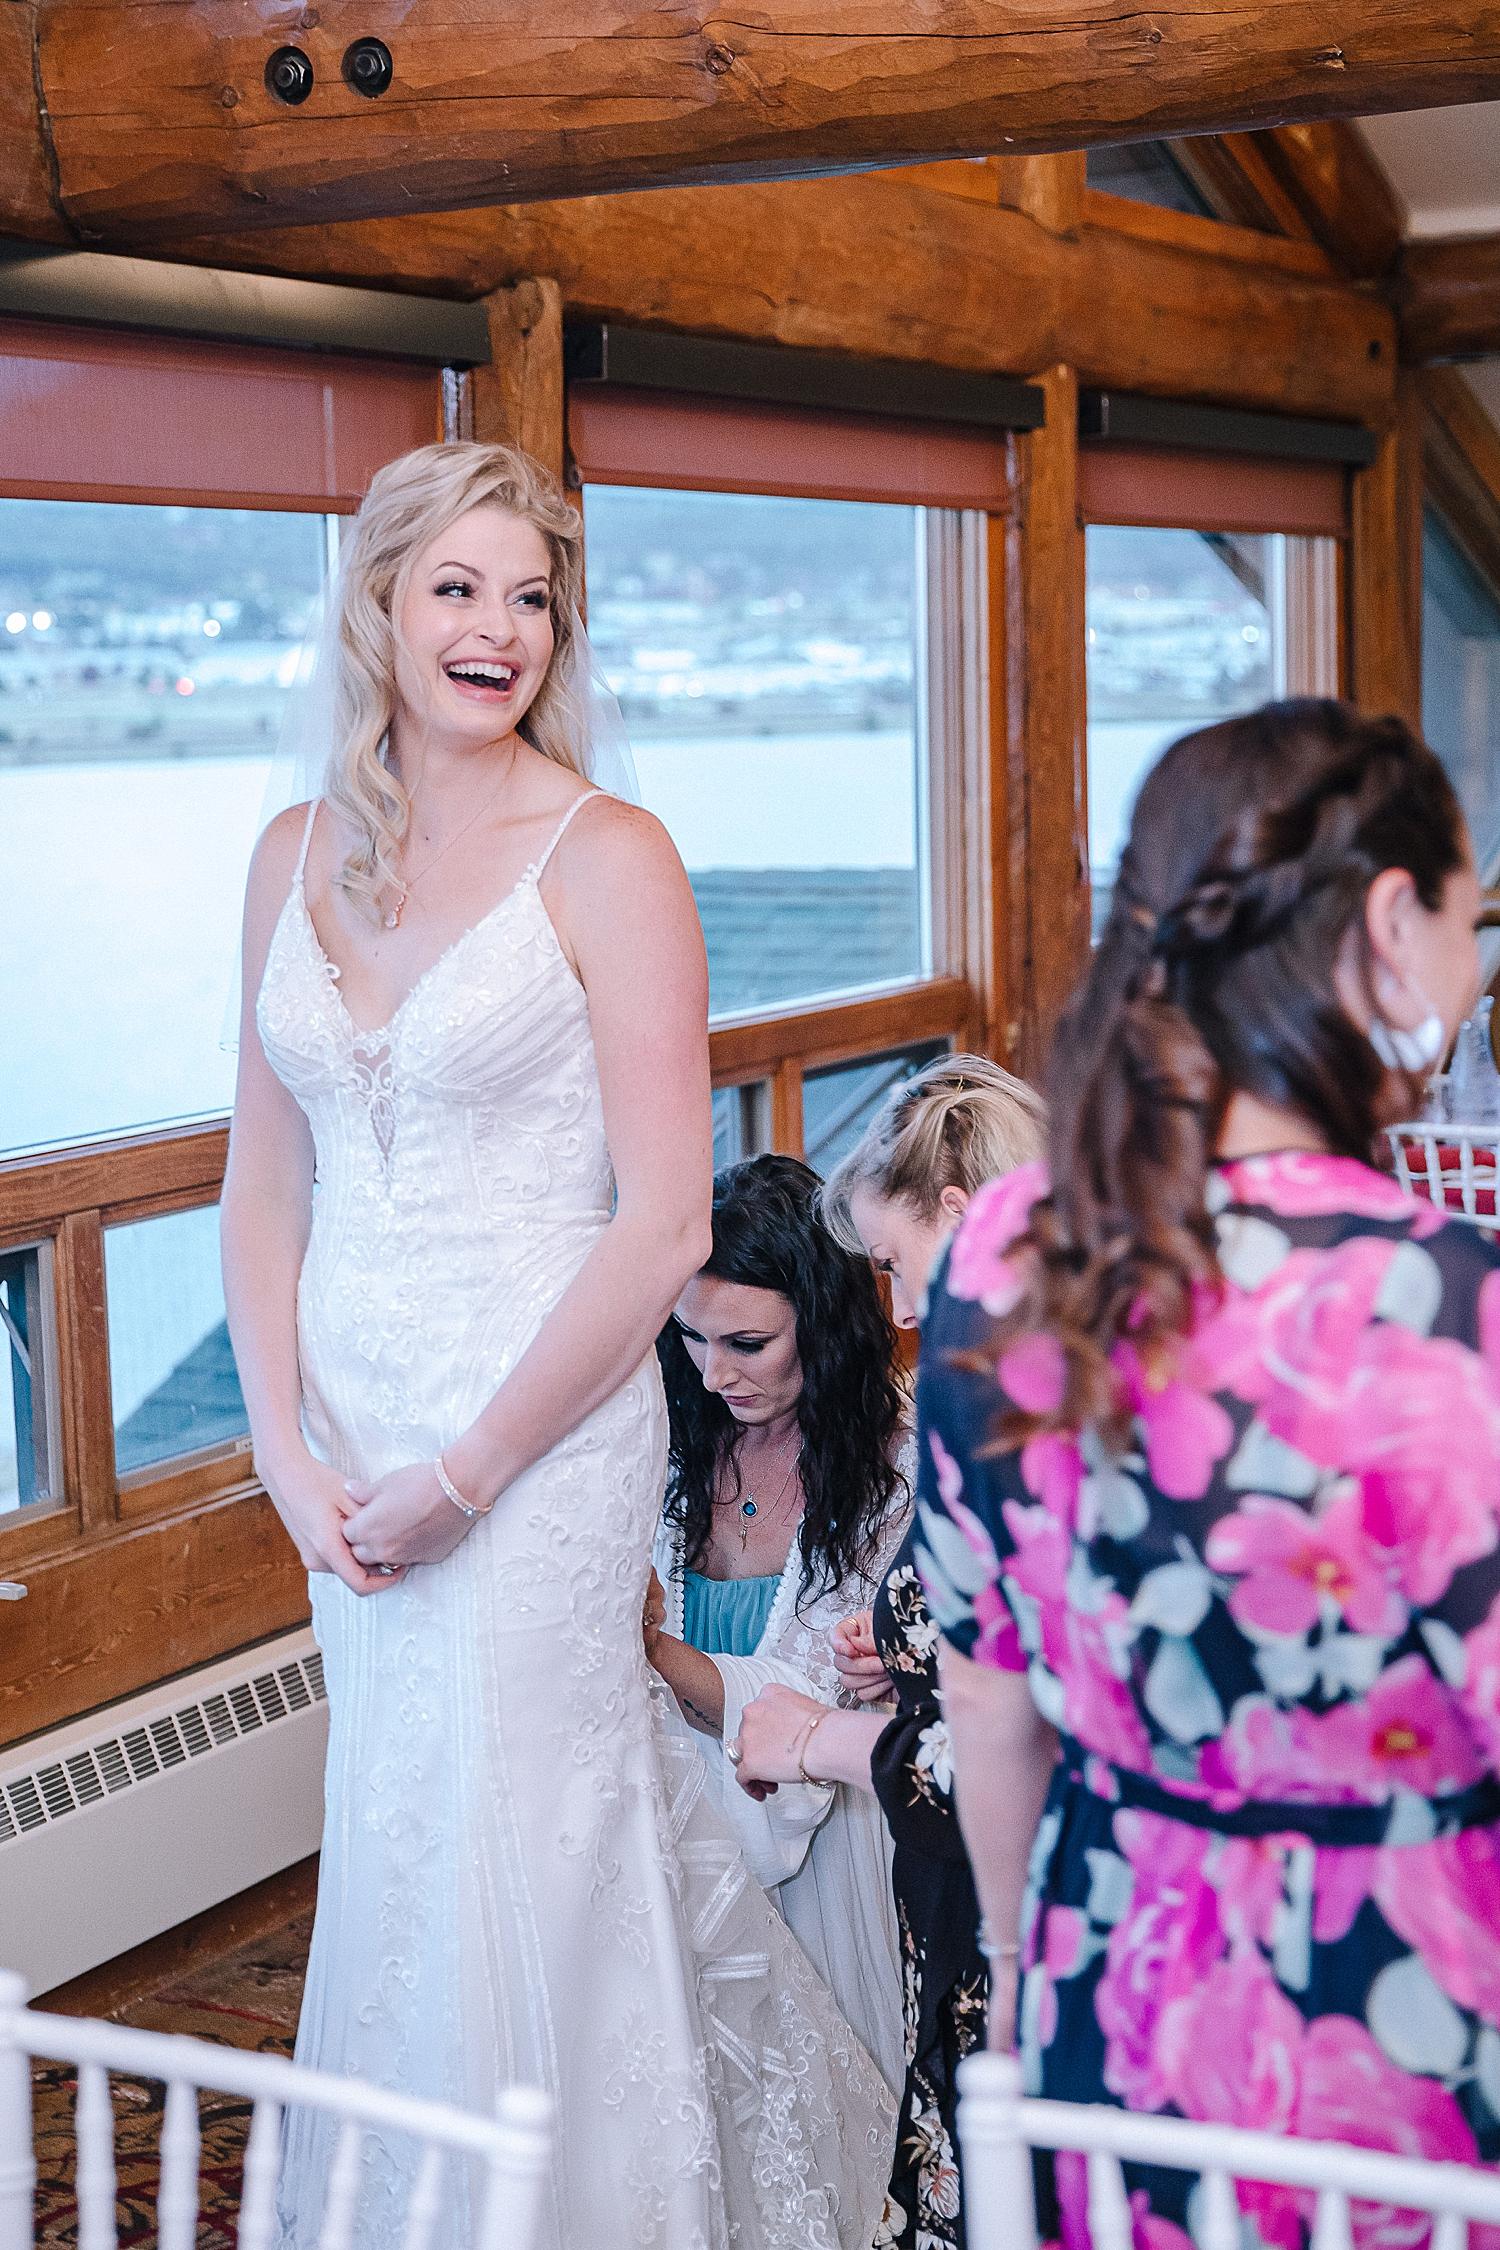 Carly-Barton-Photography-Rocky-Mountain-National-Park-Estes-Park-Wedding-Elopement_0012.jpg